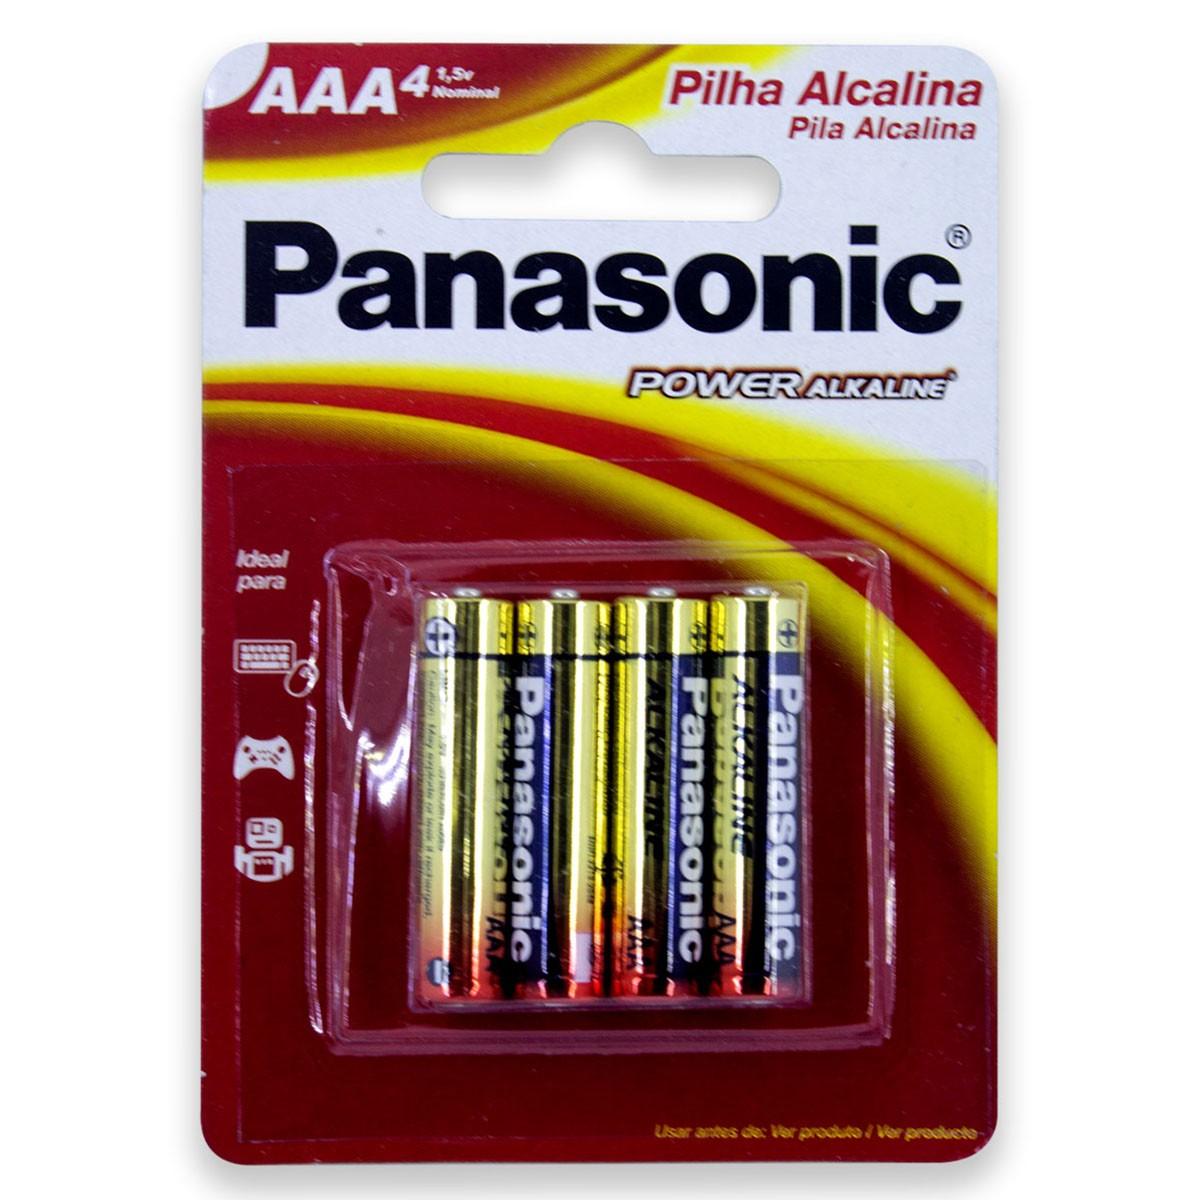 08 Pilhas AAA Alcalina PANASONIC 2 cartelas